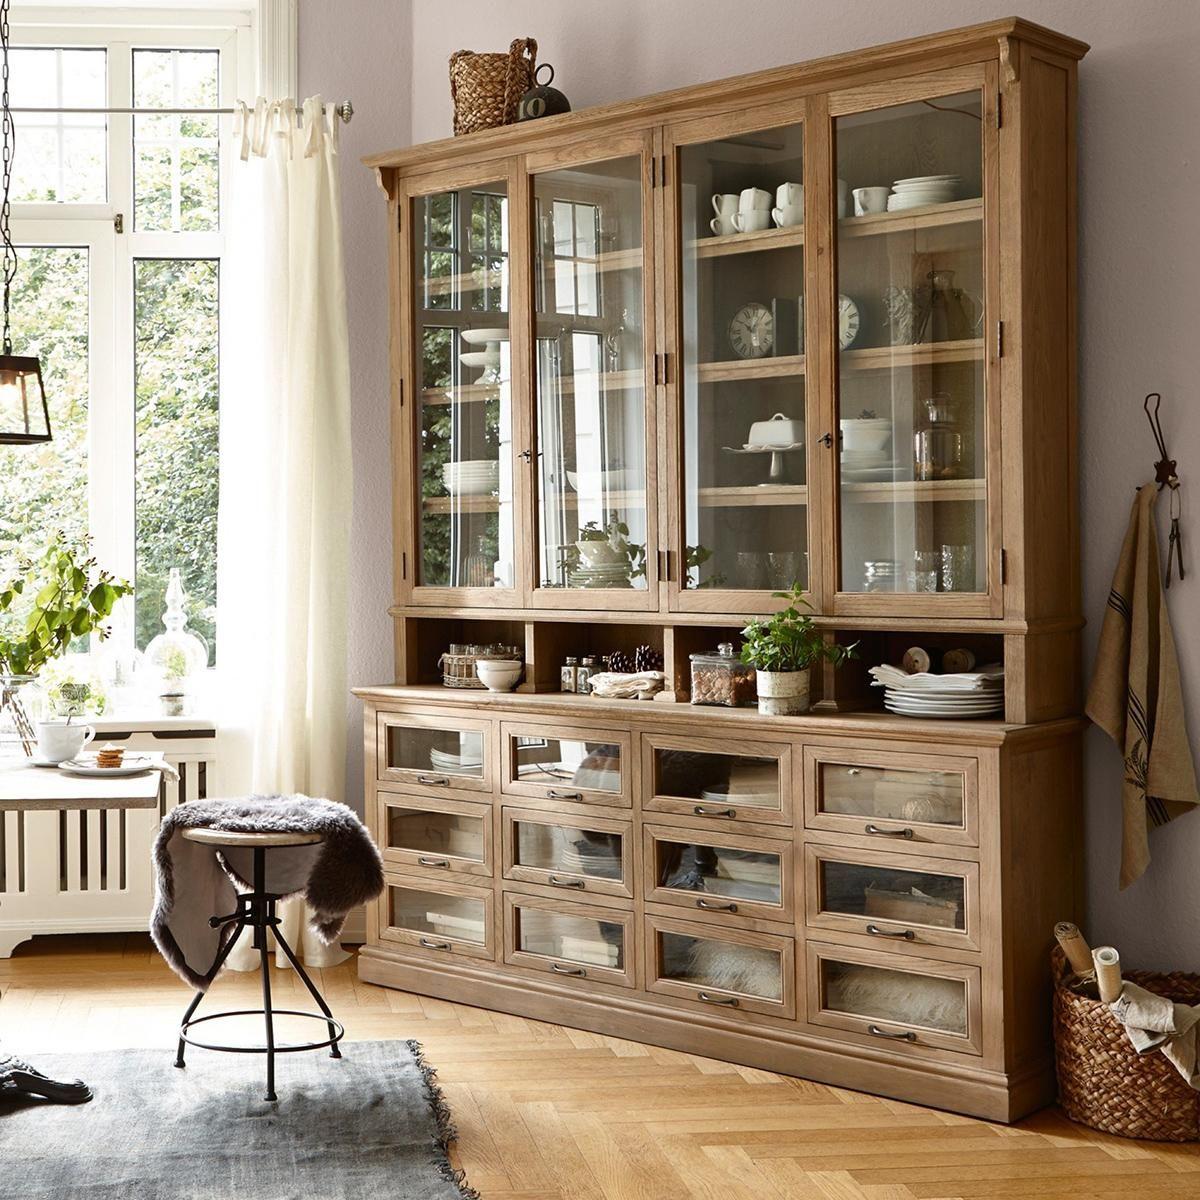 Wohnzimmer Im Landhausstil Wohnen Mit Charme Schrank Regale Landhaus Mobel Esszimmer Inspiration